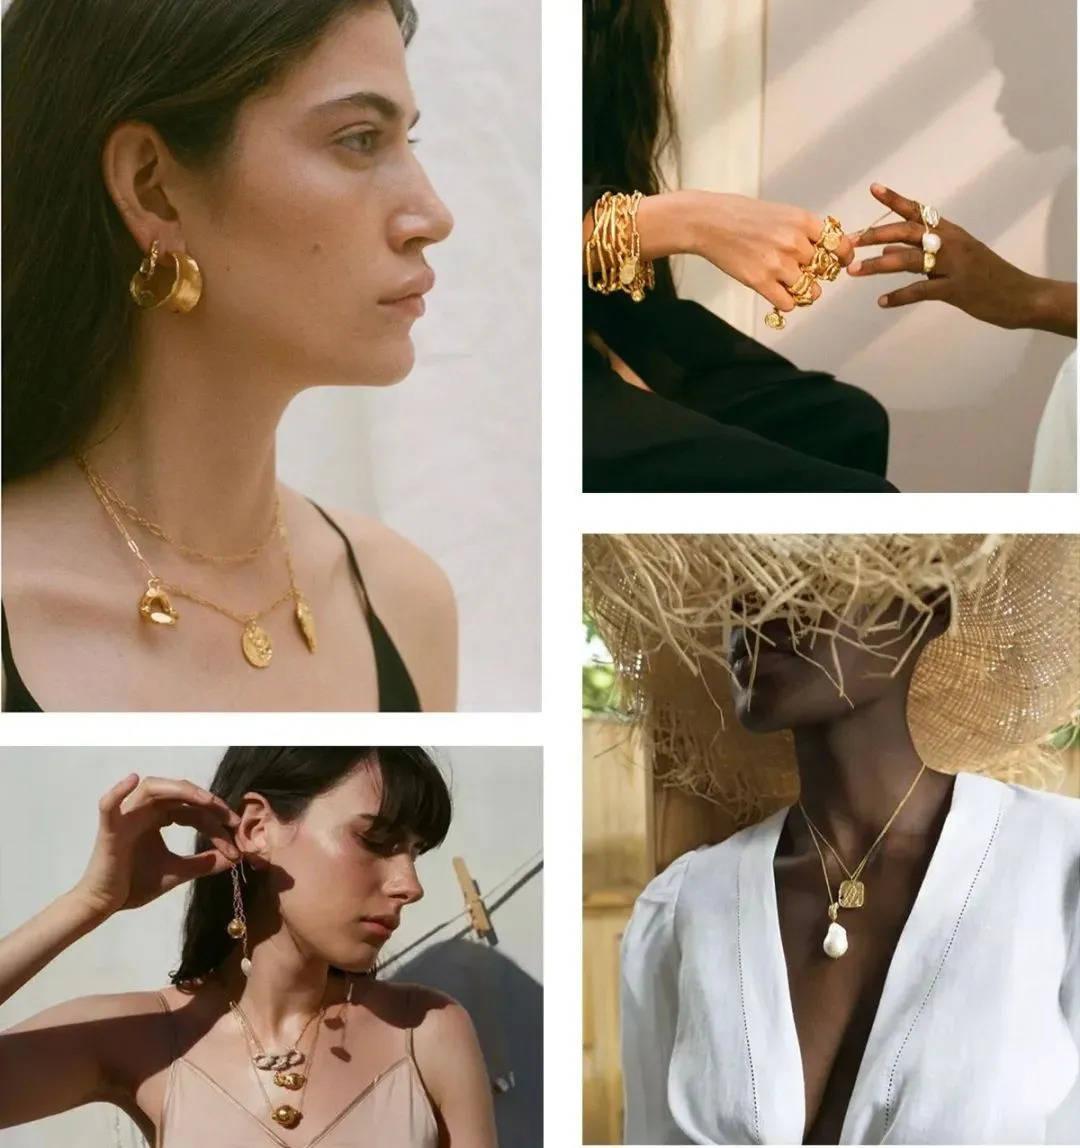 夏日造型如何出彩?5款小众首饰品牌戴出新鲜感和时尚感